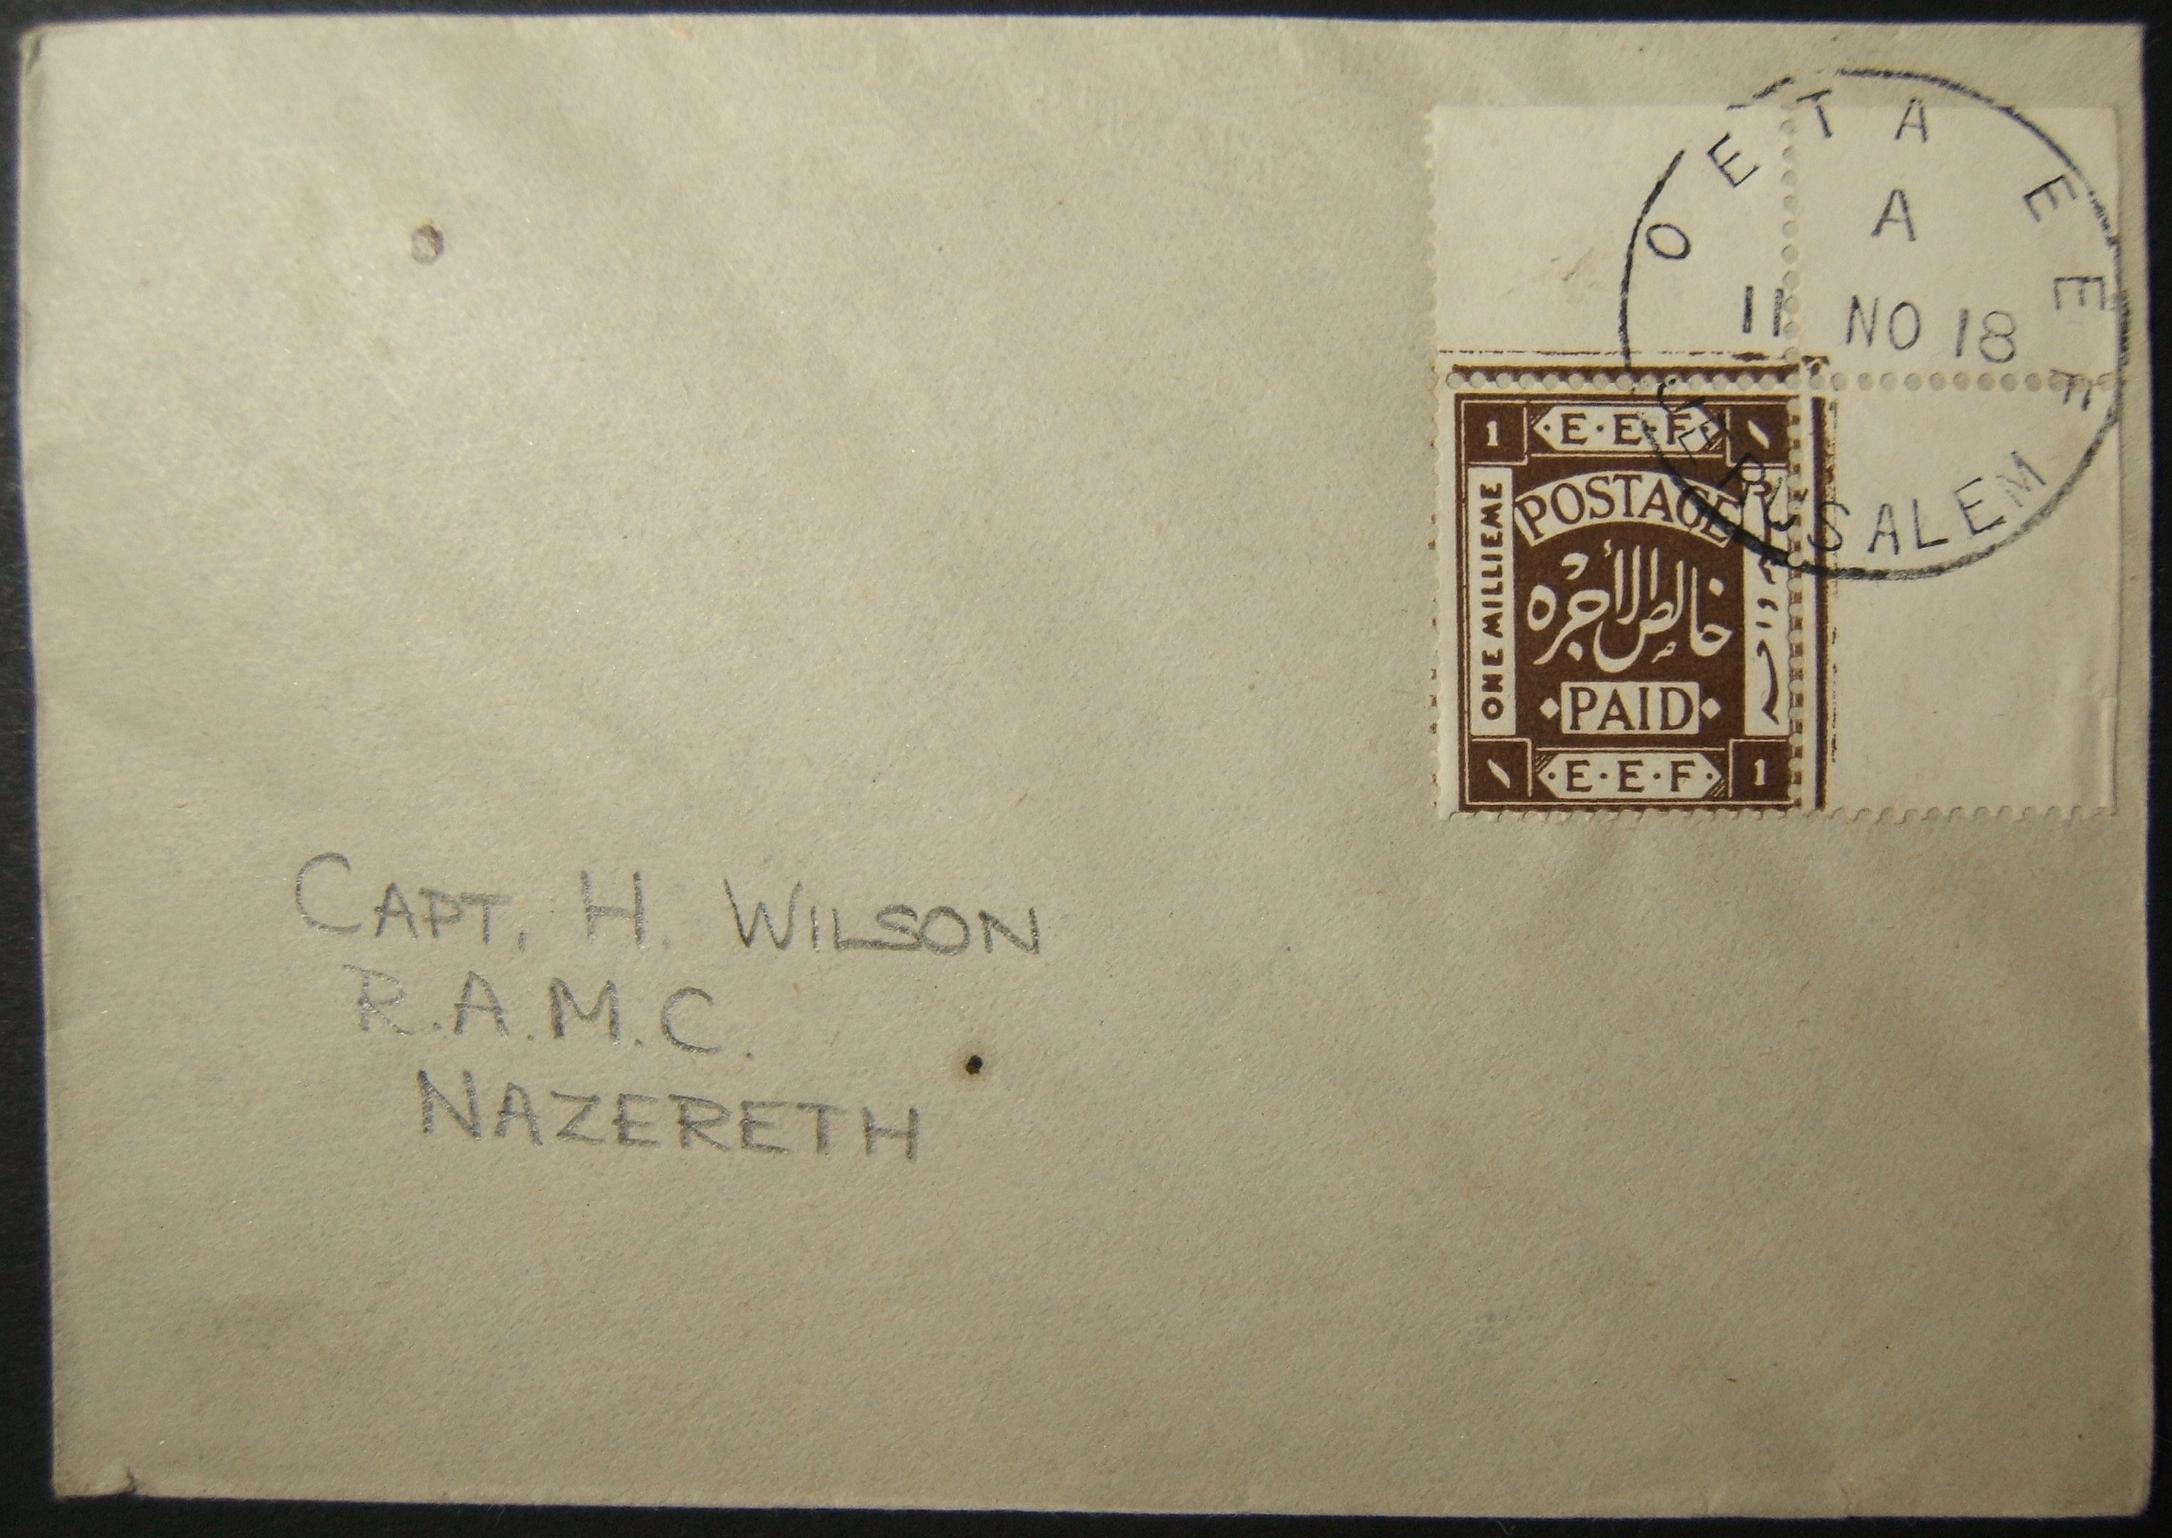 نادرة 1918 1m بريد إلكتروني من مواد مطبوعة من القدس إلى الجيش البريطاني في الناصرة